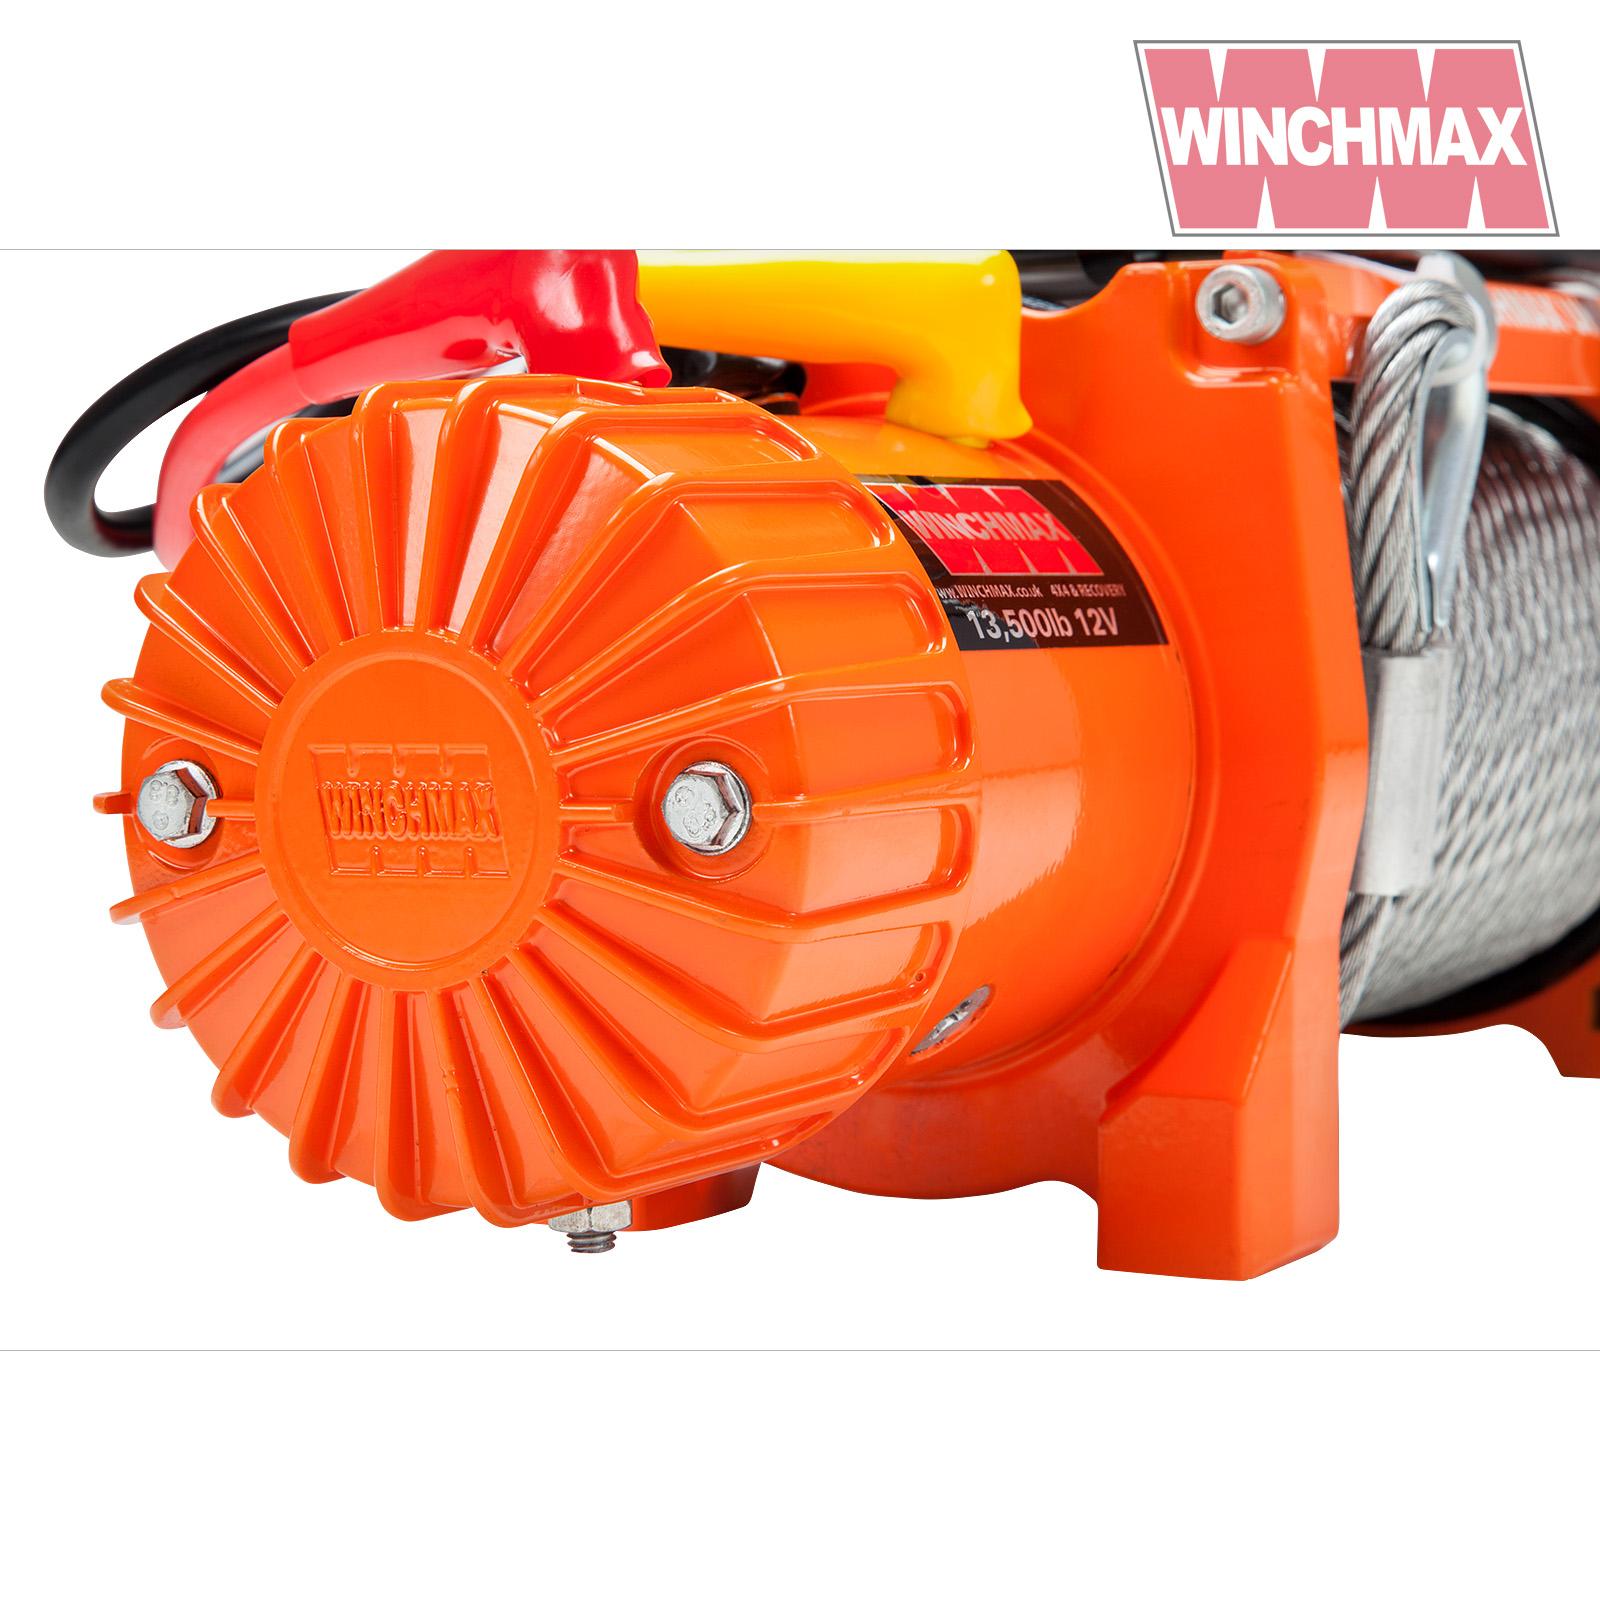 Wm1350012v winchmax 540